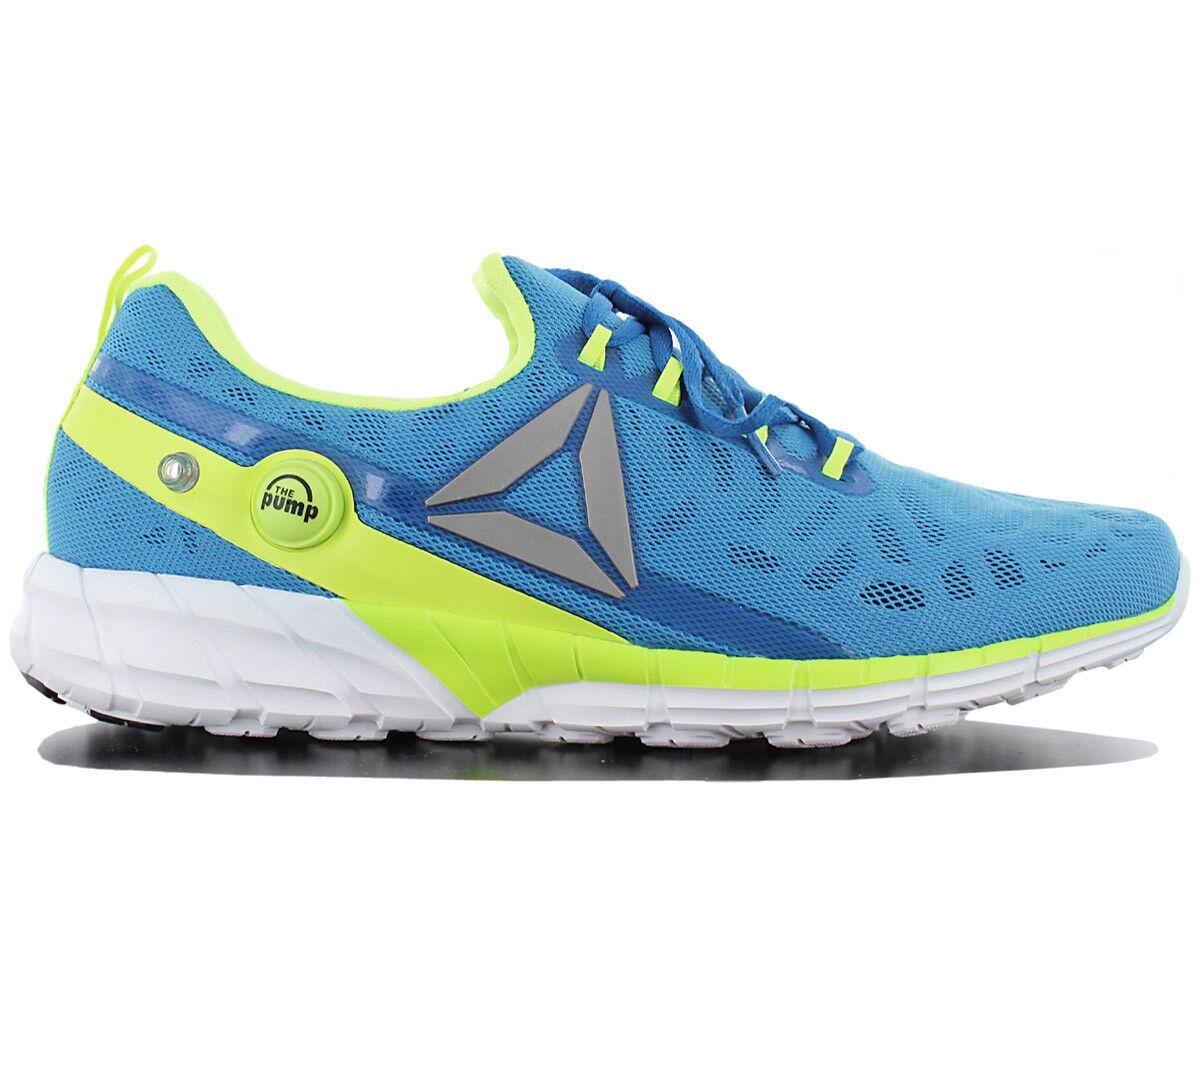 Reebok Pump Fusion 2.5 Zapatos Hombre Azul AR0088 Zapatillas de Correr Deportiva